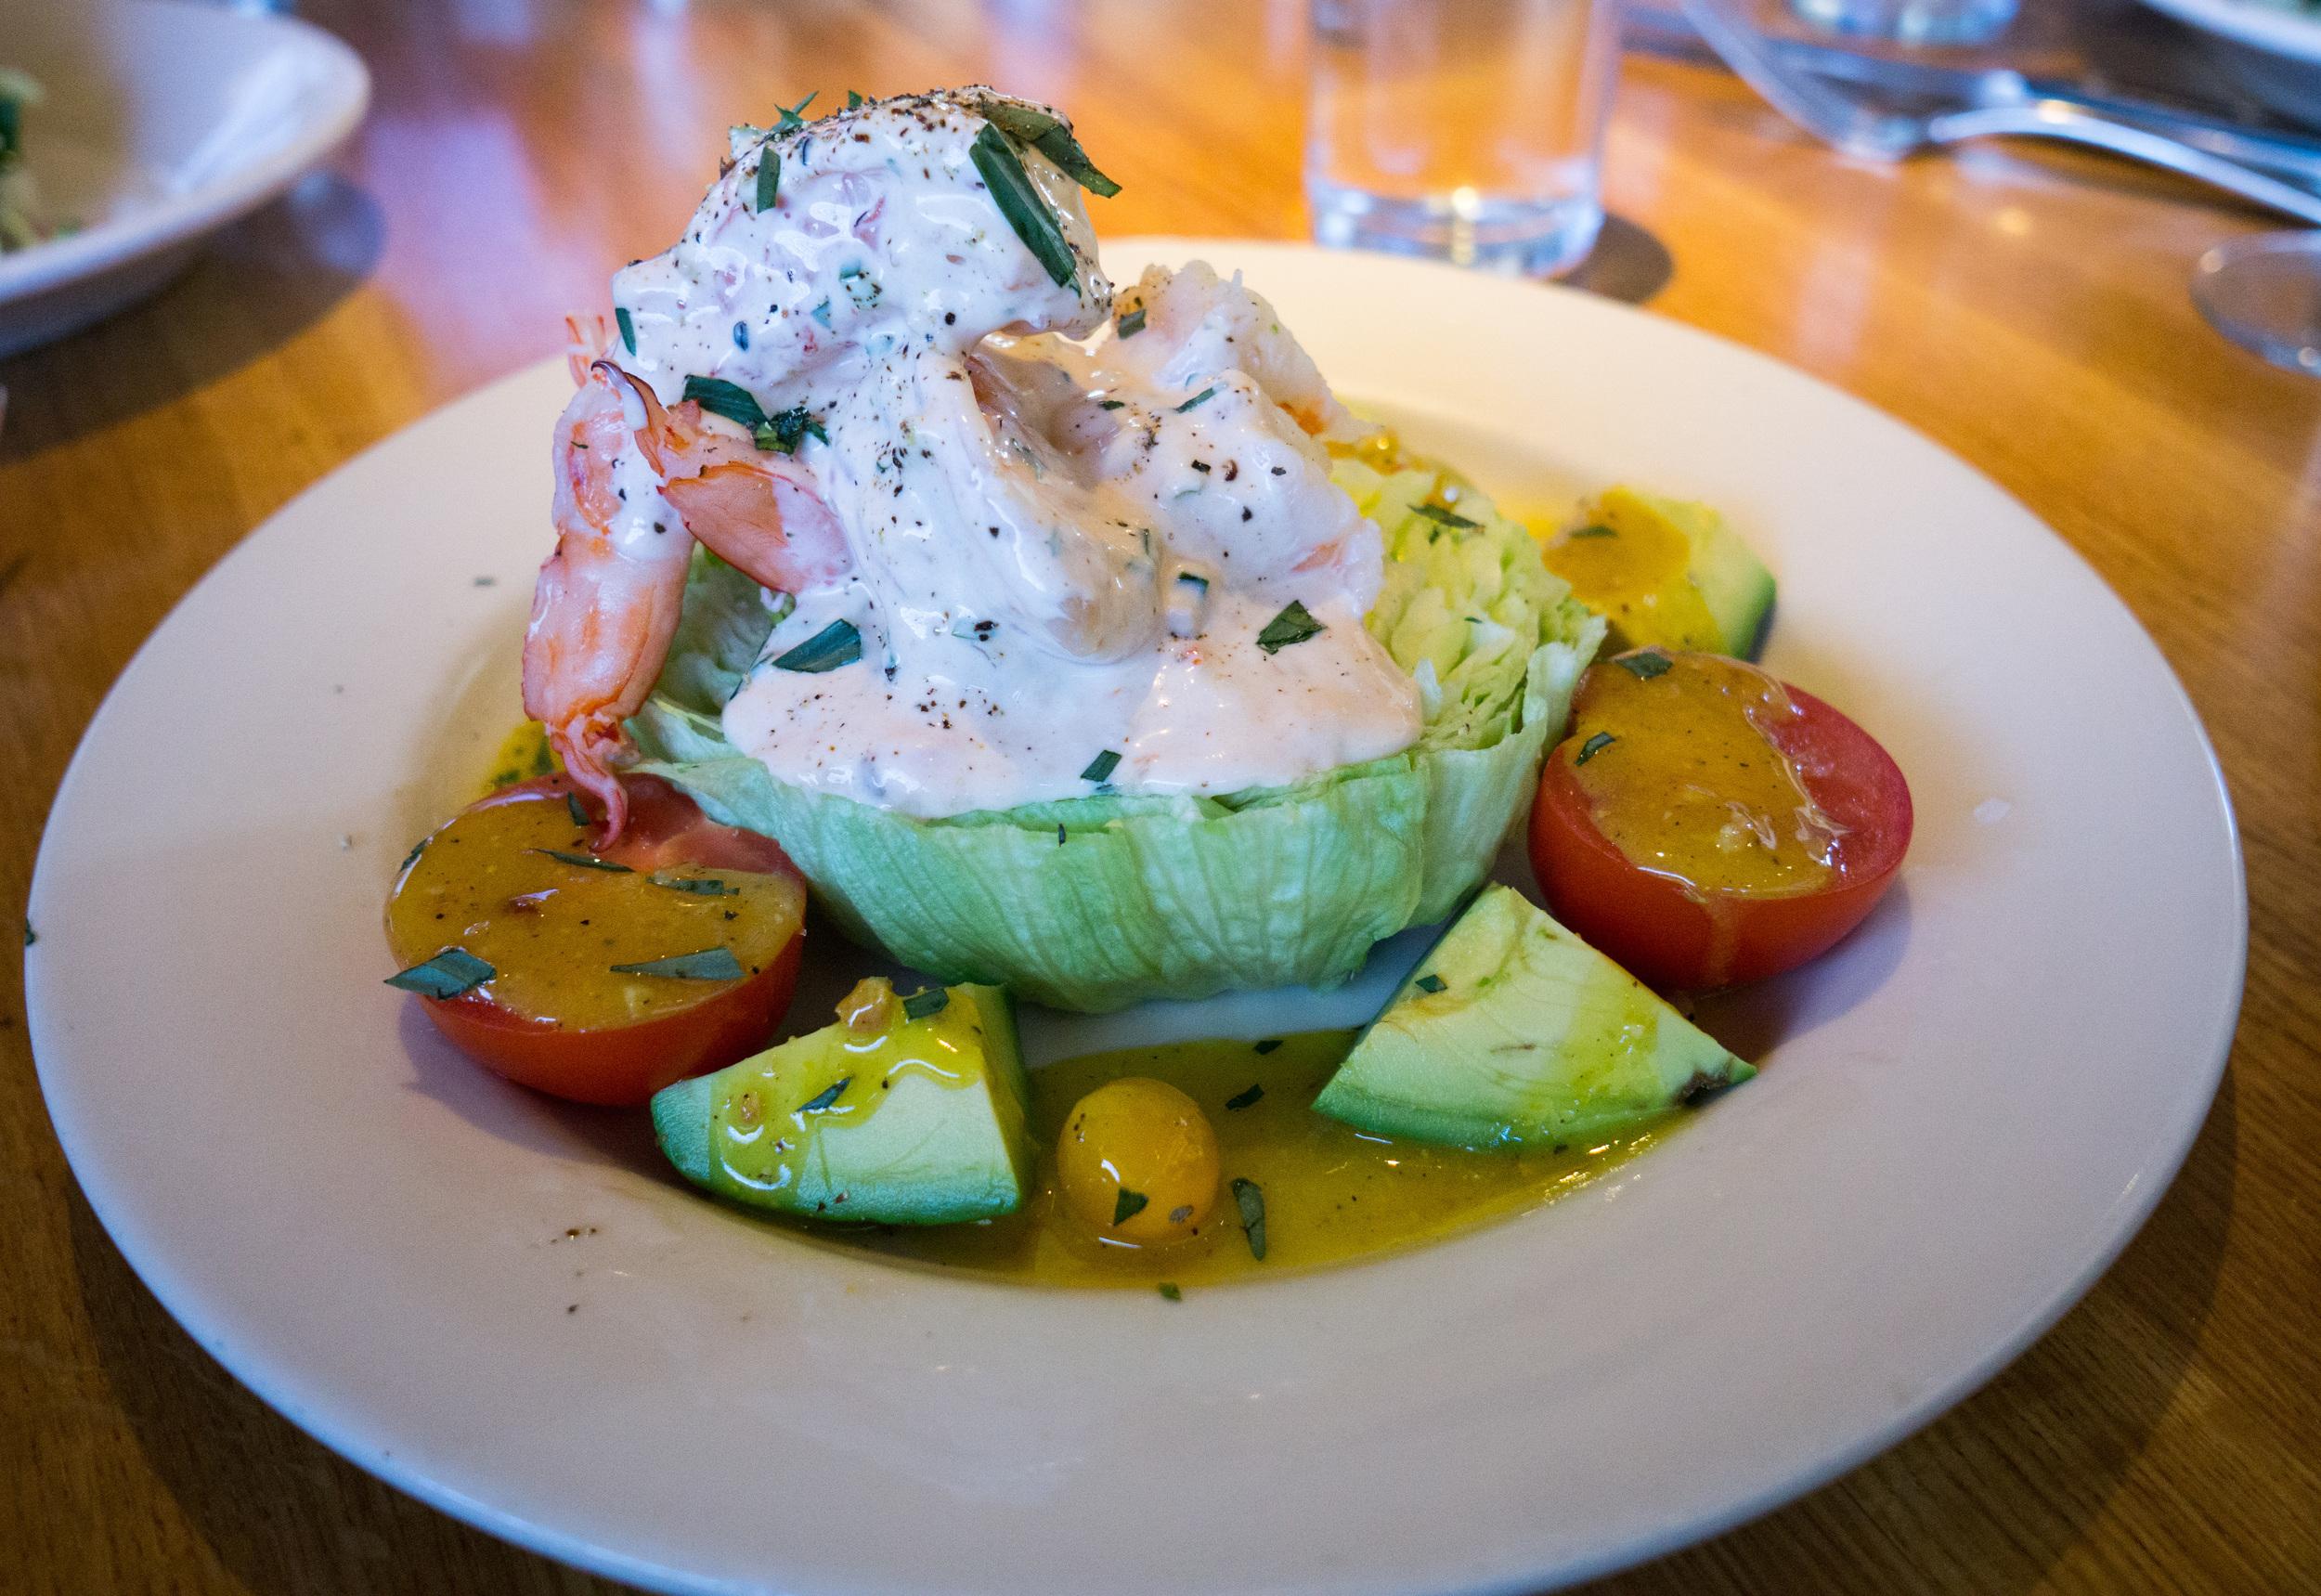 Shrimp Louie Salad has excellent dressing